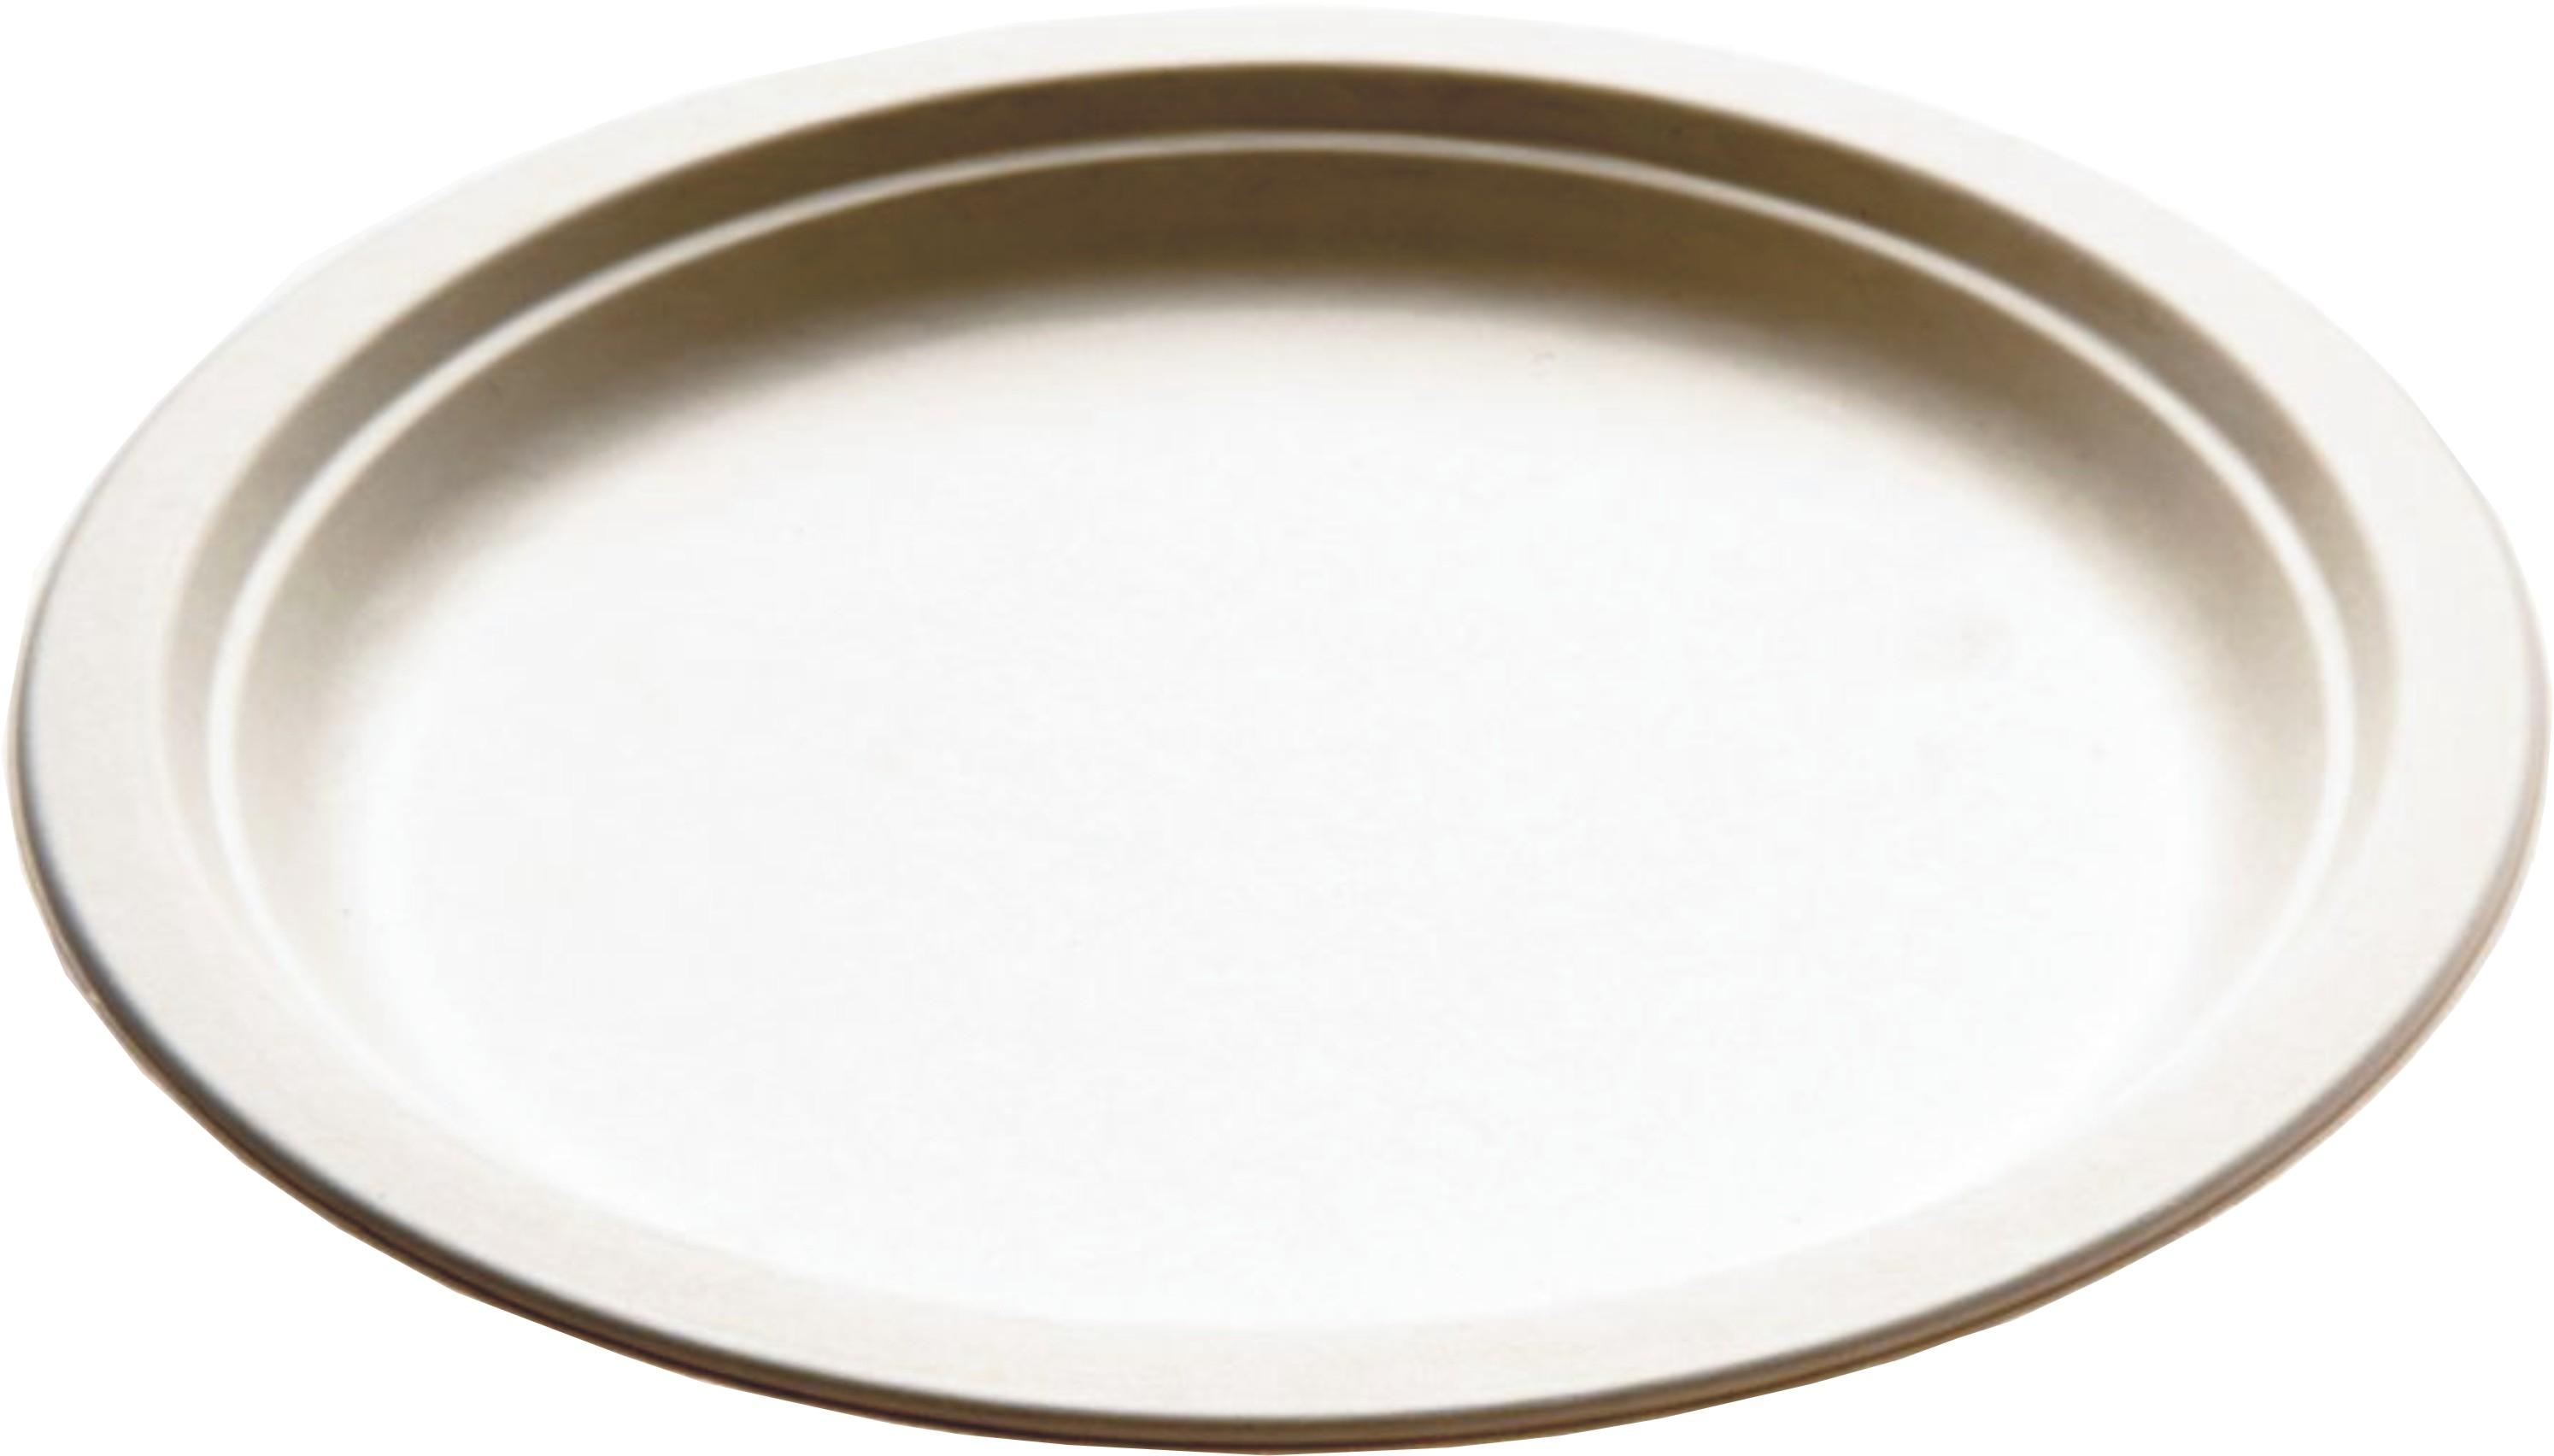 8bb5ea0cef41 Piatto fondo monouso ecologico cm 18 - 680ml per primi, pasta o zuppa